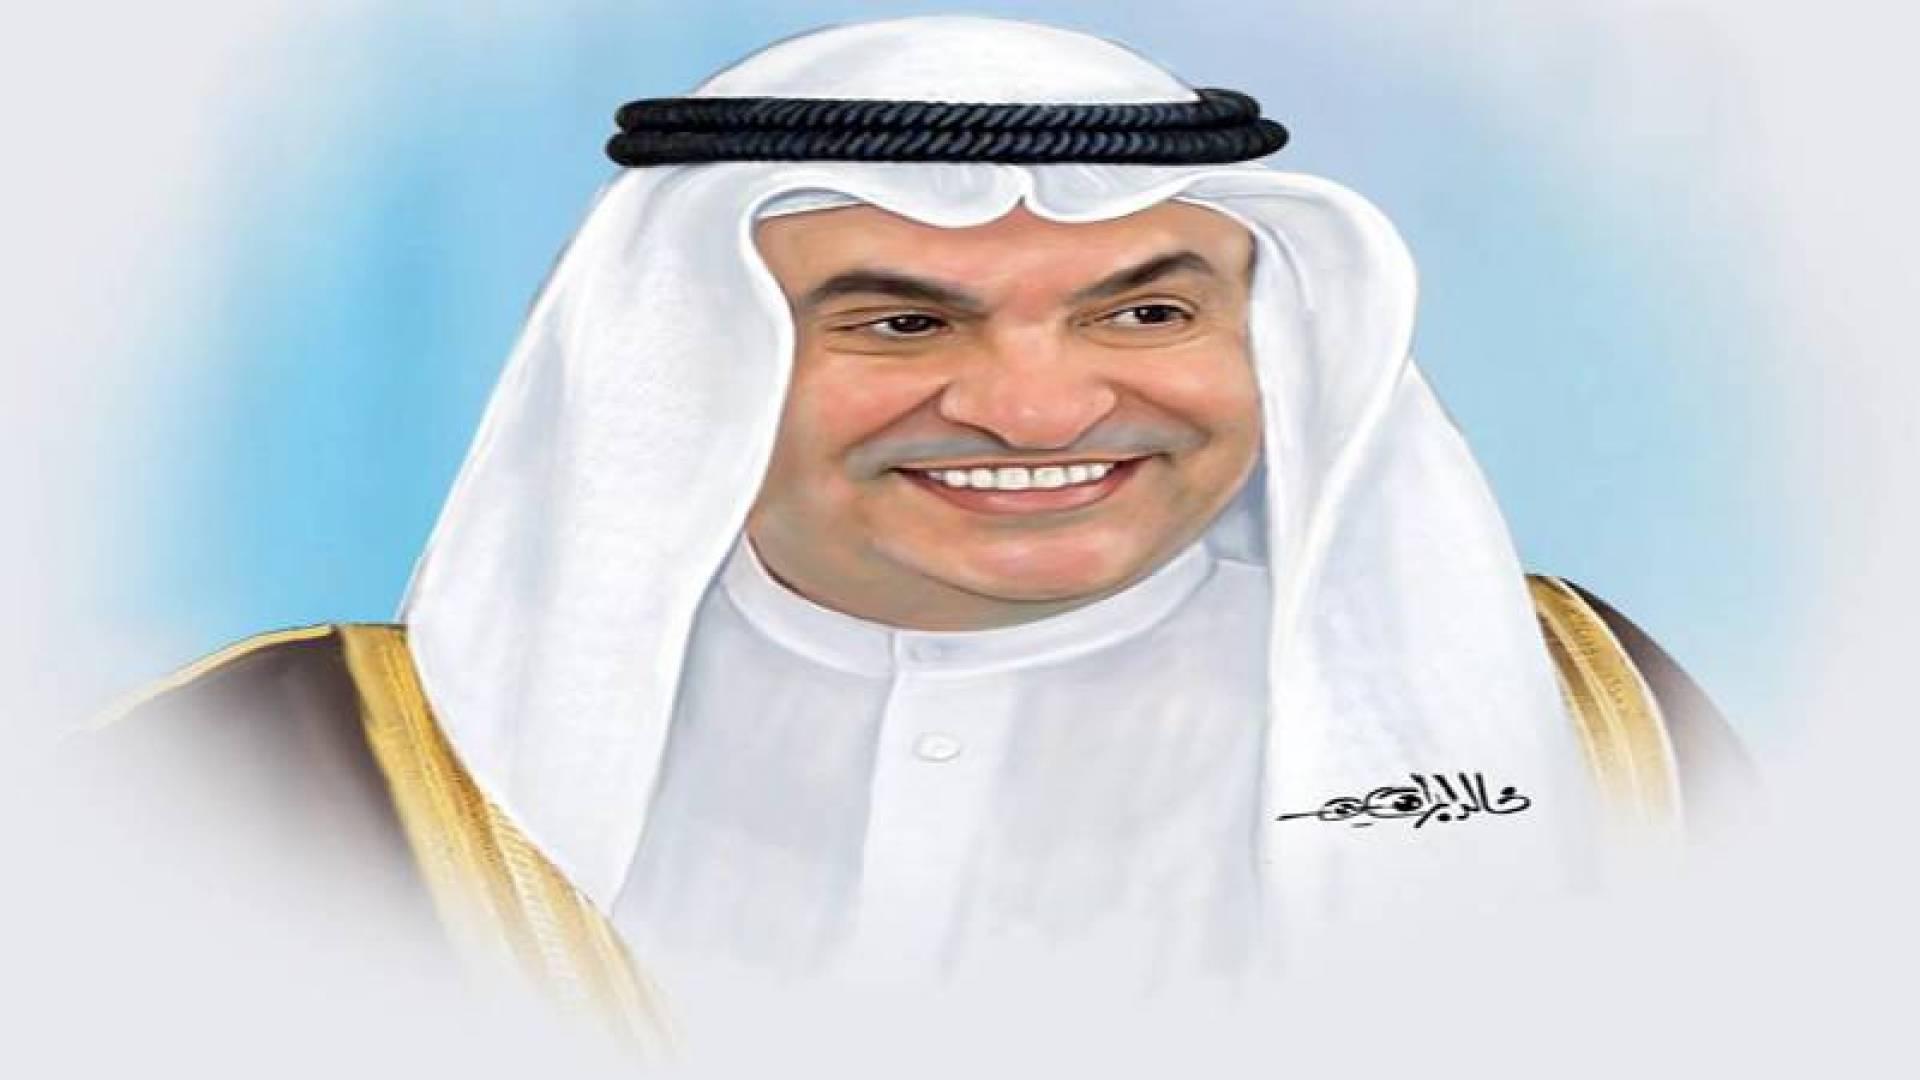 محمد الصقر رئيساً لغرفة التجارة.. بالتزكية